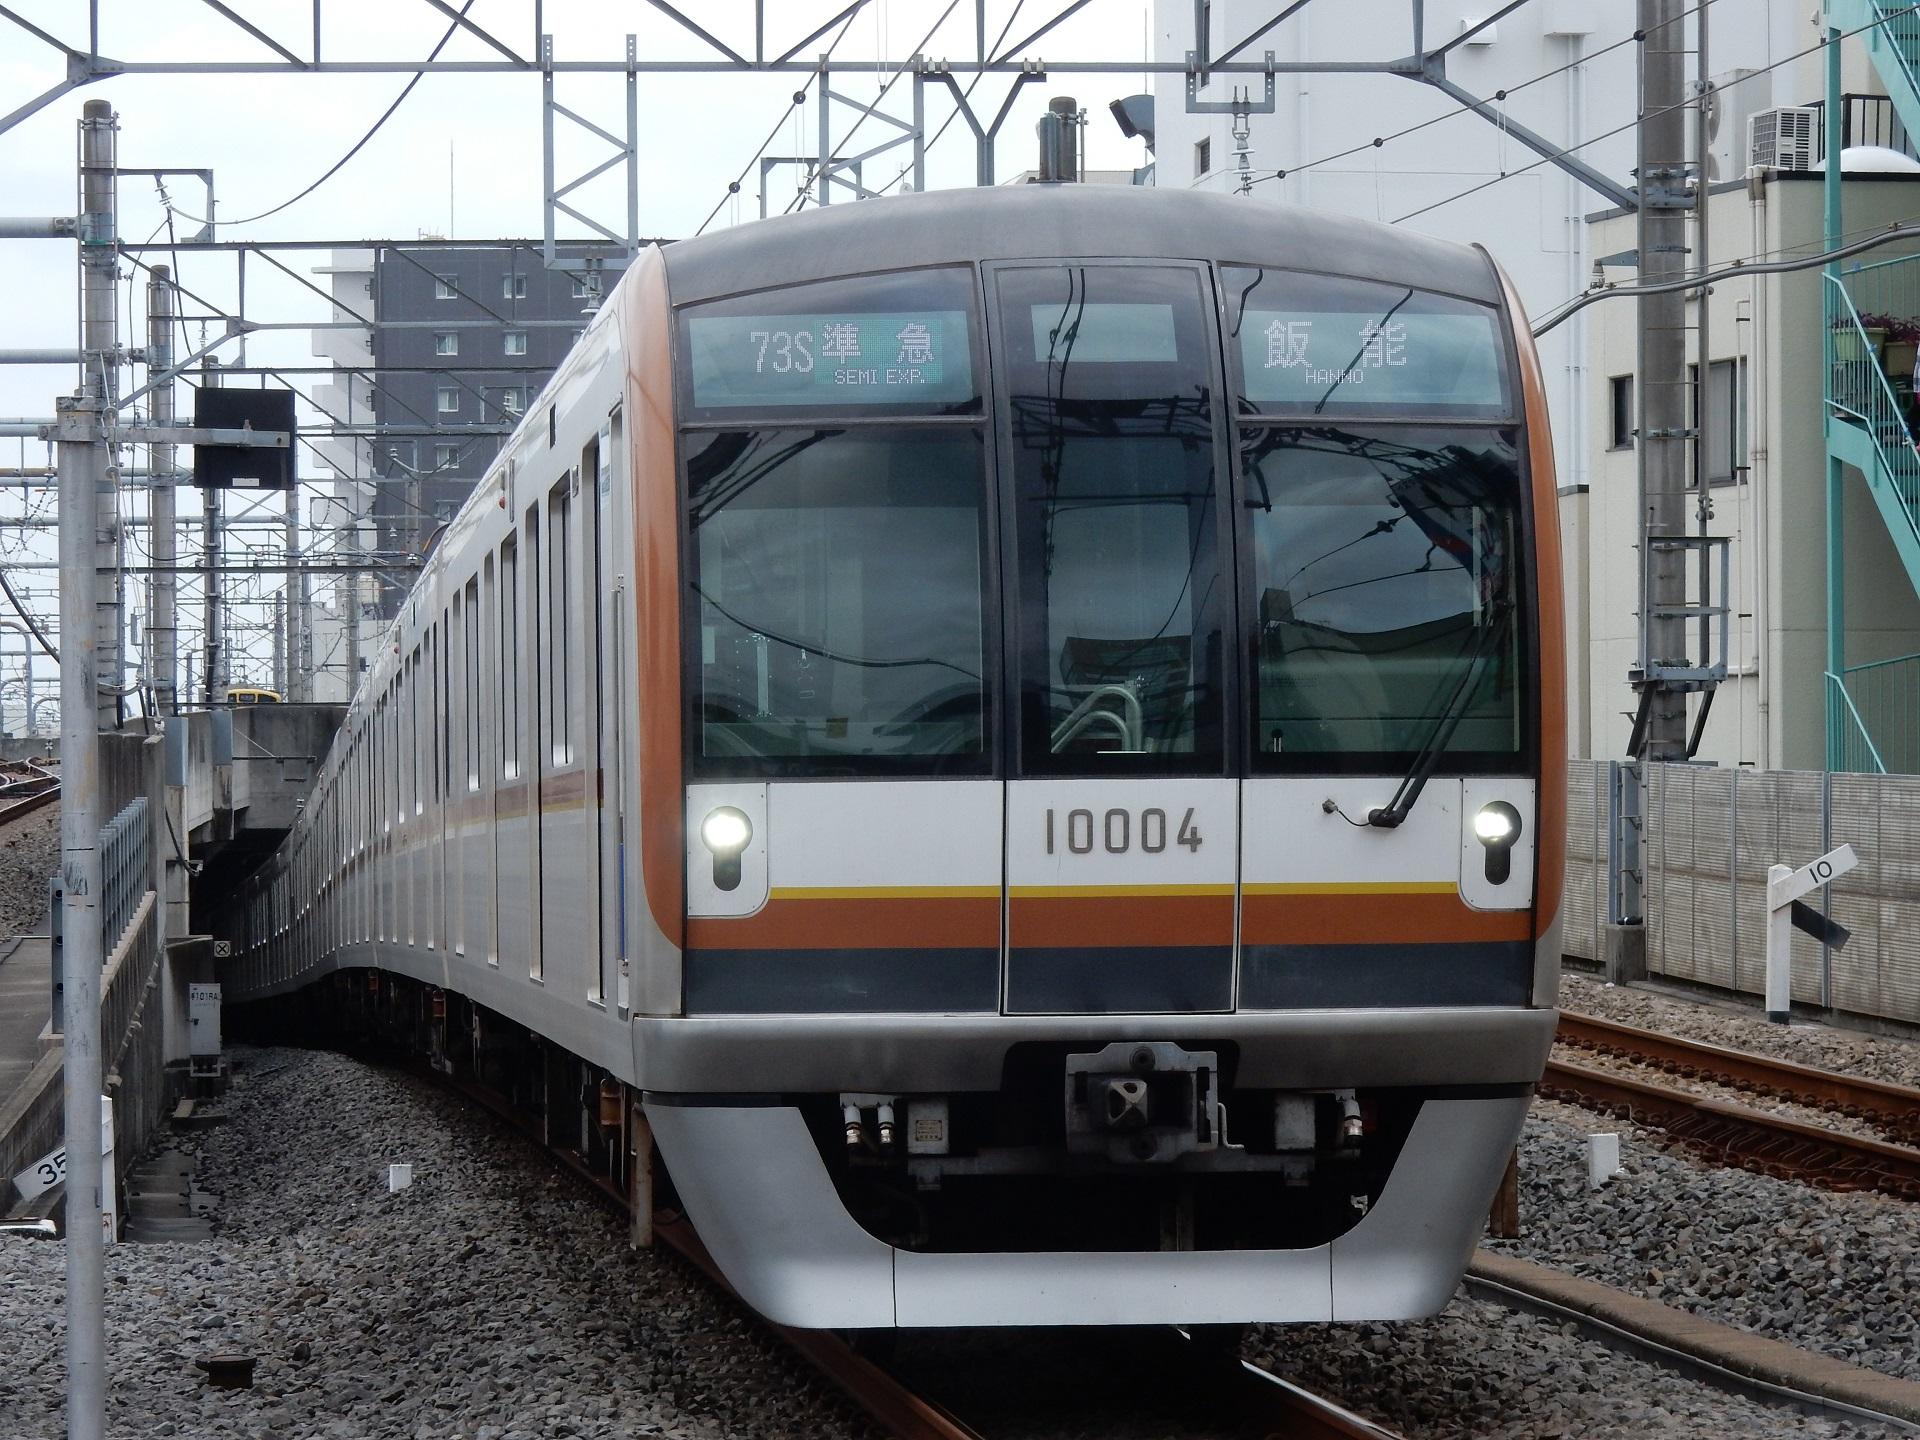 DSCN2677 - コピー